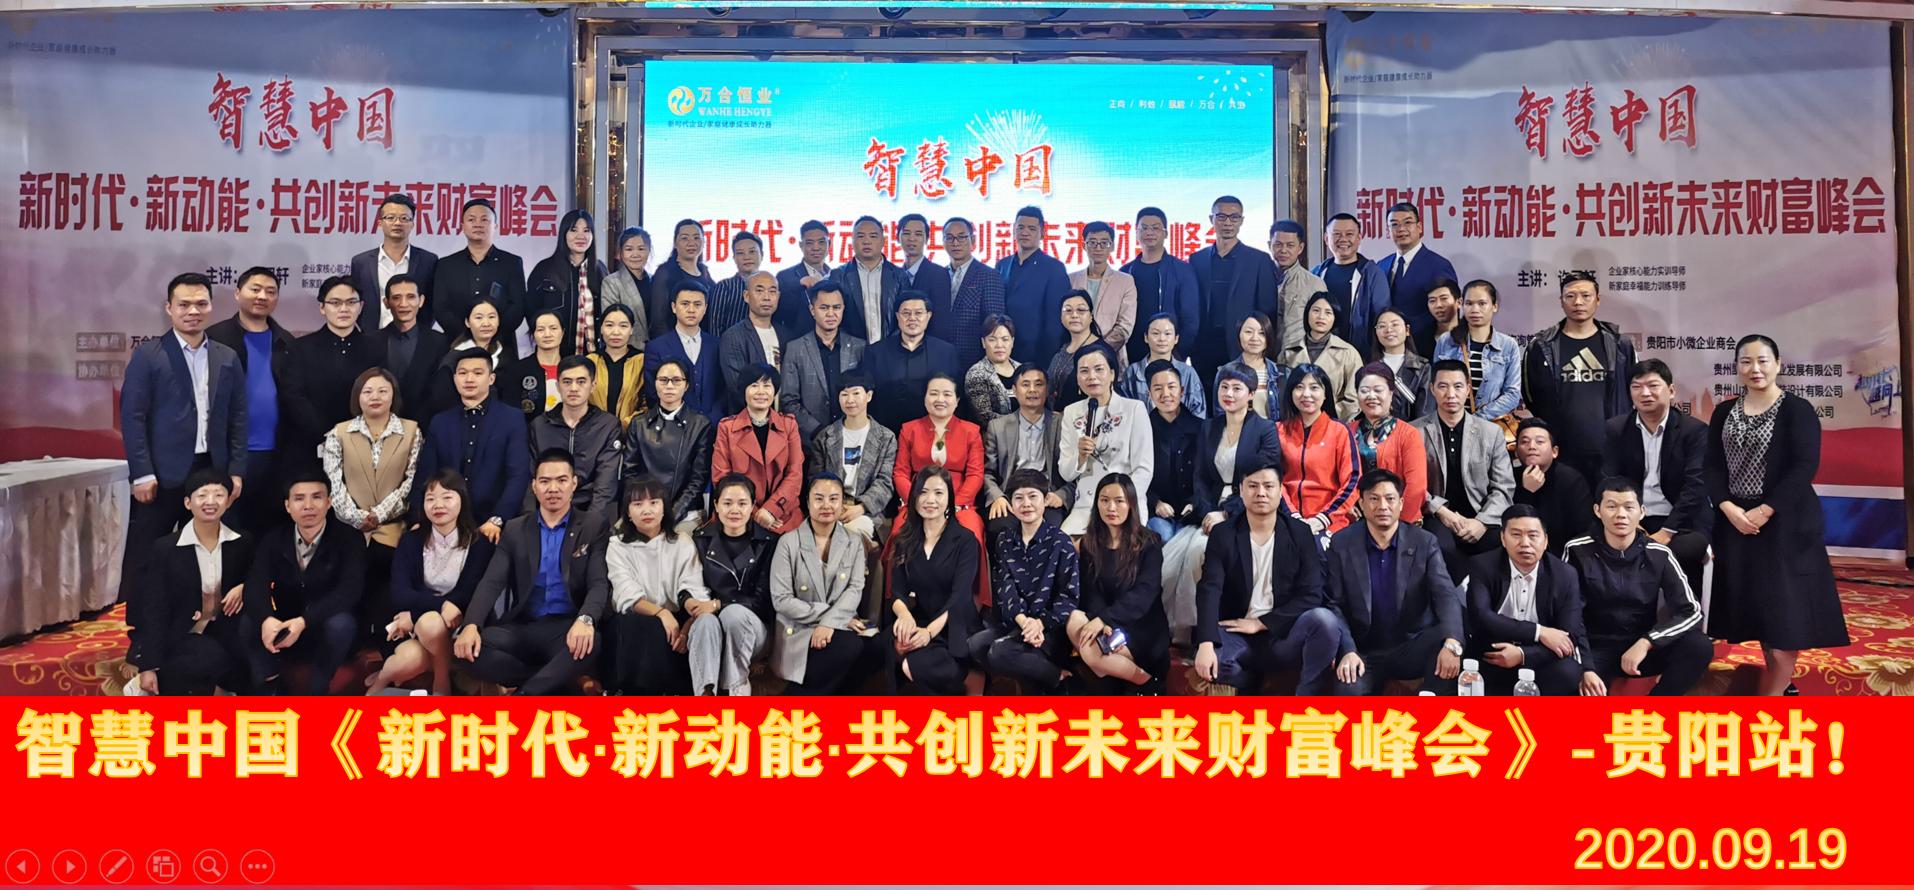 许罗轩-贵阳【智慧中国】-新时代·新动能·共创新未来财富峰会公益宣讲